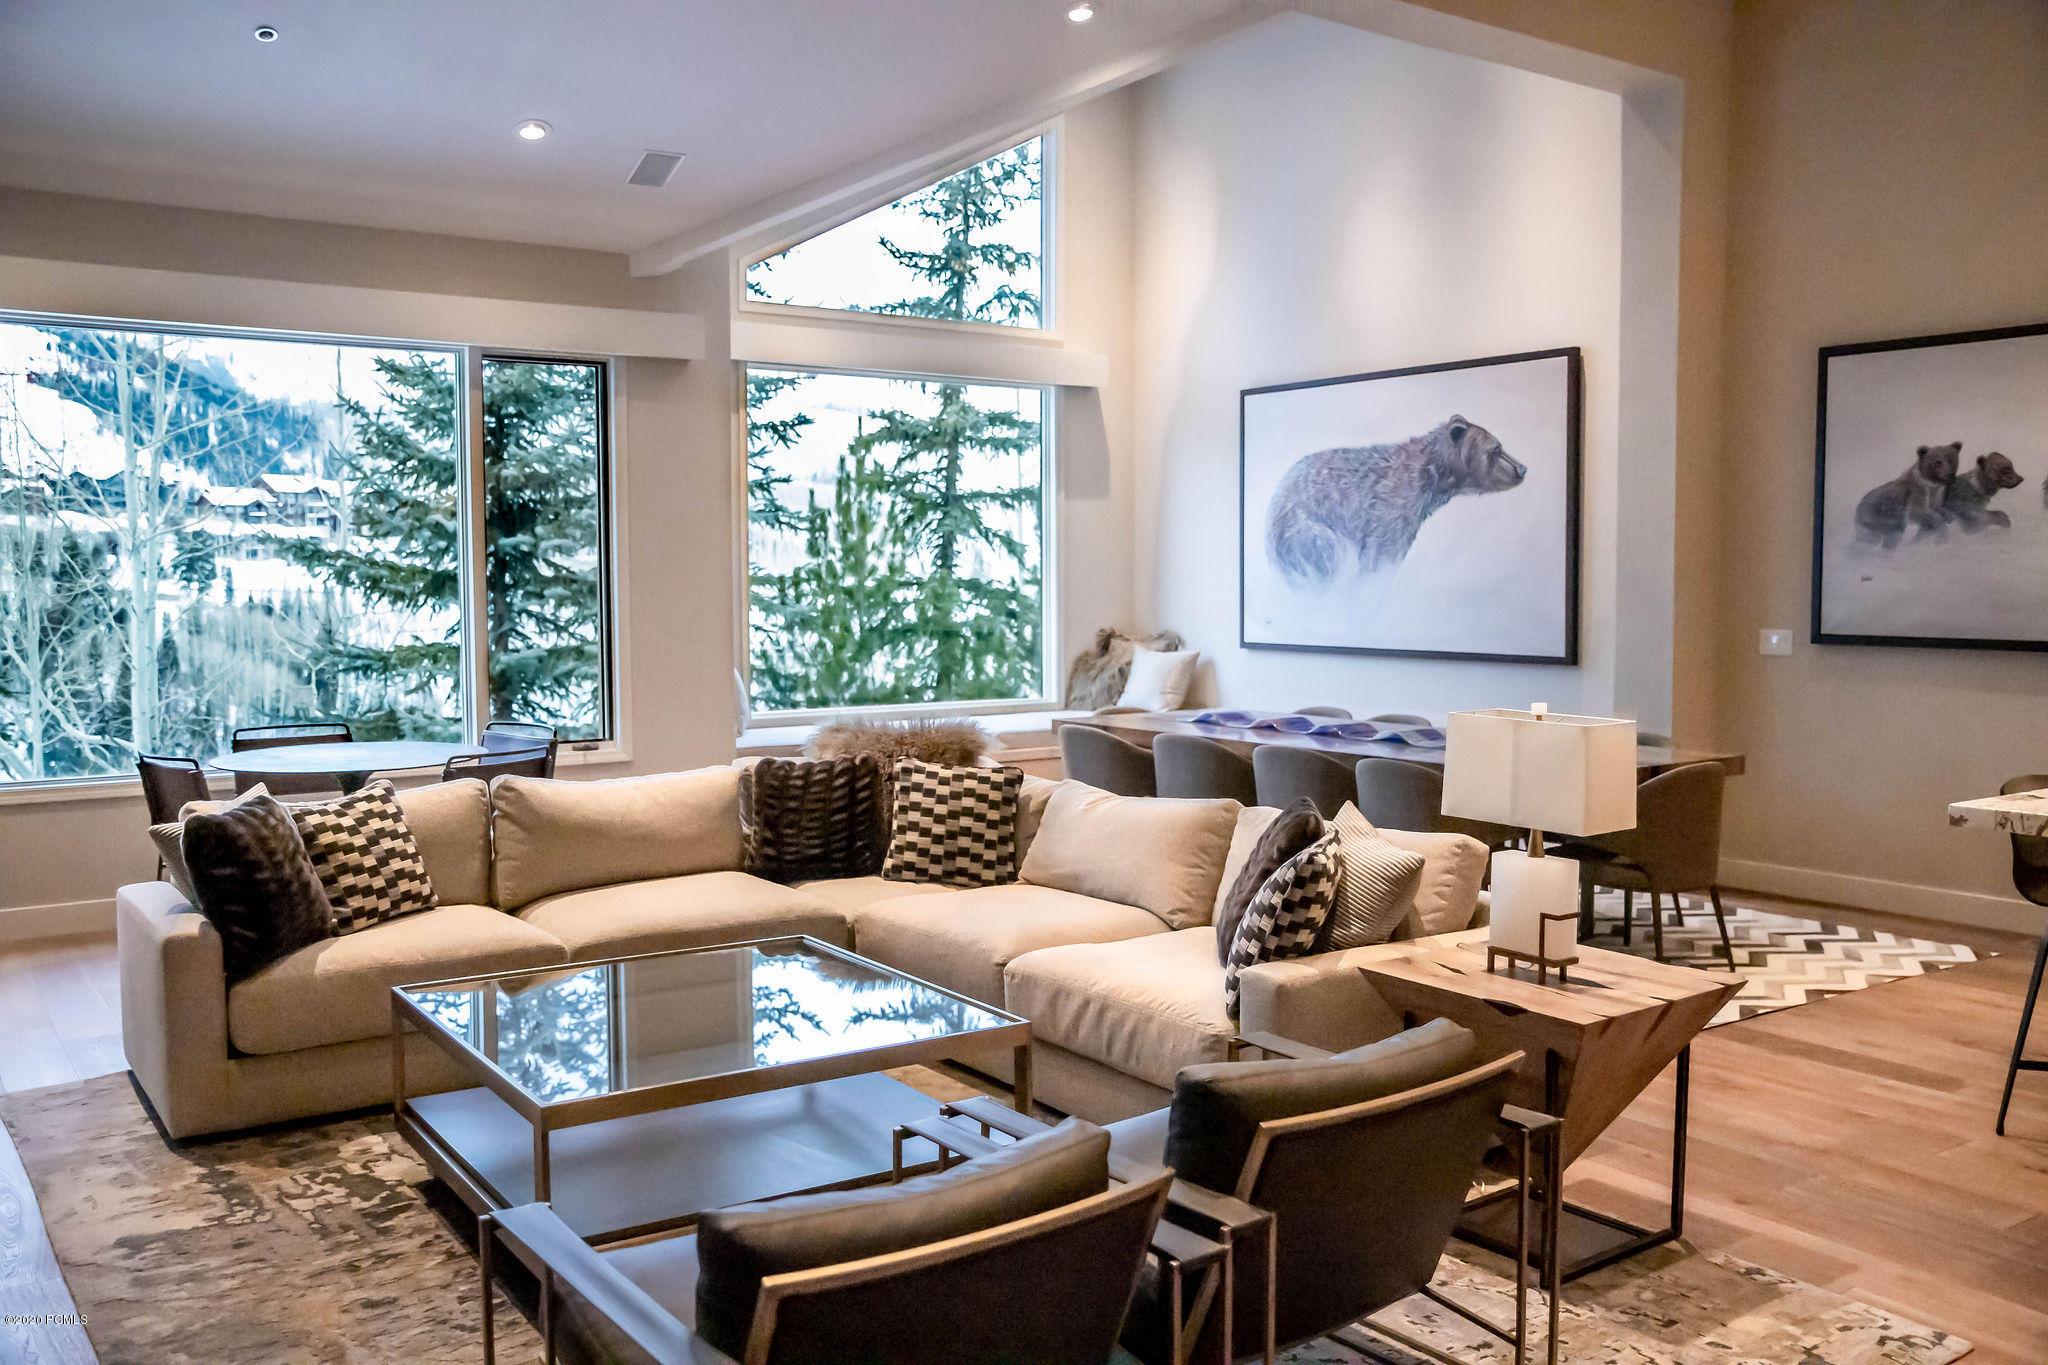 7215 Little Belle Court, Park City, Utah 84060, 3 Bedrooms Bedrooms, ,5 BathroomsBathrooms,Condominium,For Sale,Little Belle,20190109112430415765000000